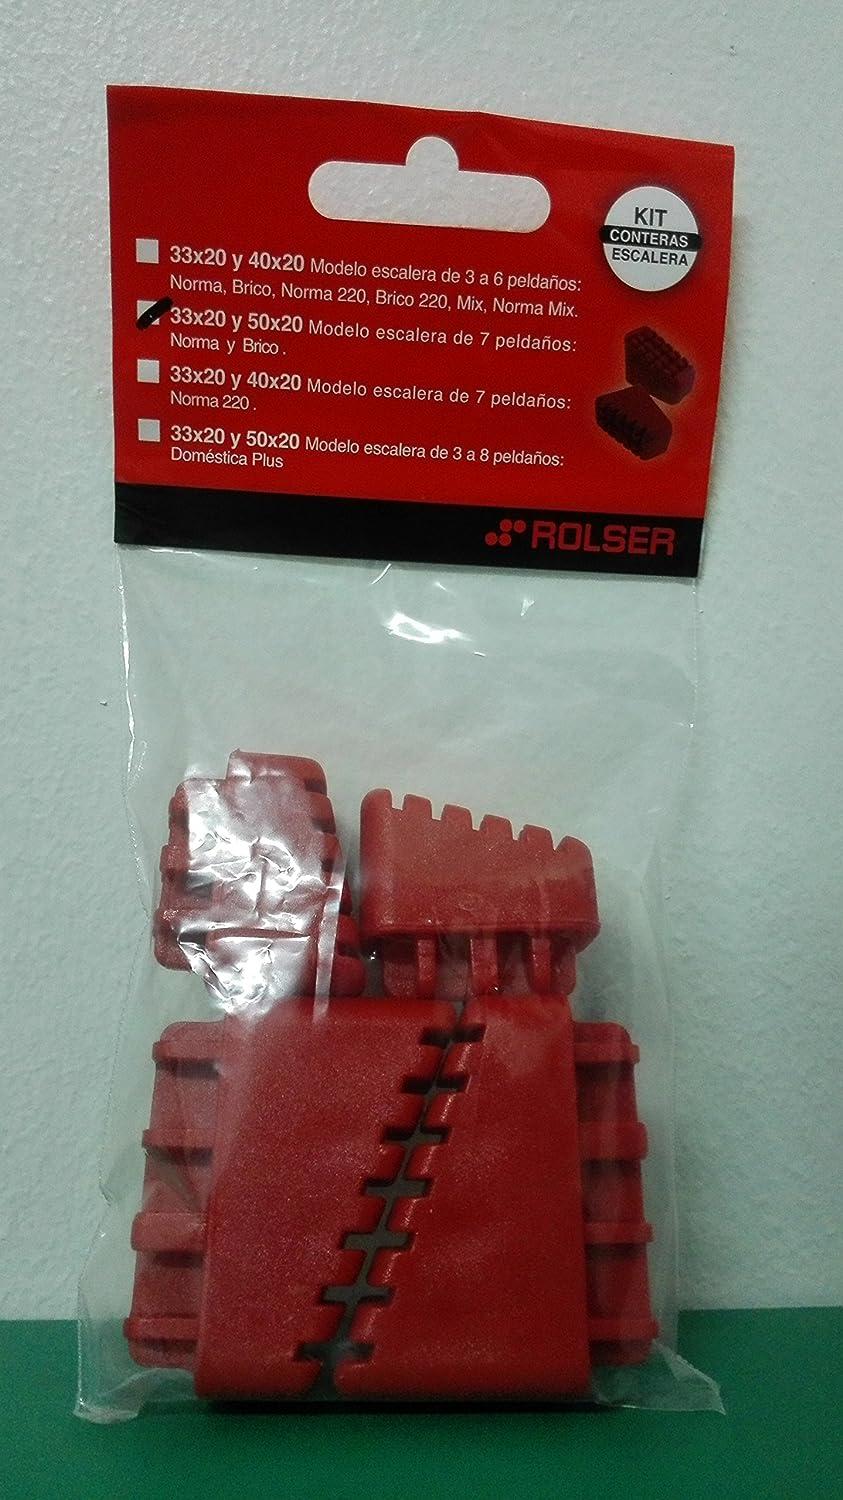 Rolser 2446C2 - Escalera Kit Conteras 7 Peldaños R: Amazon.es: Hogar